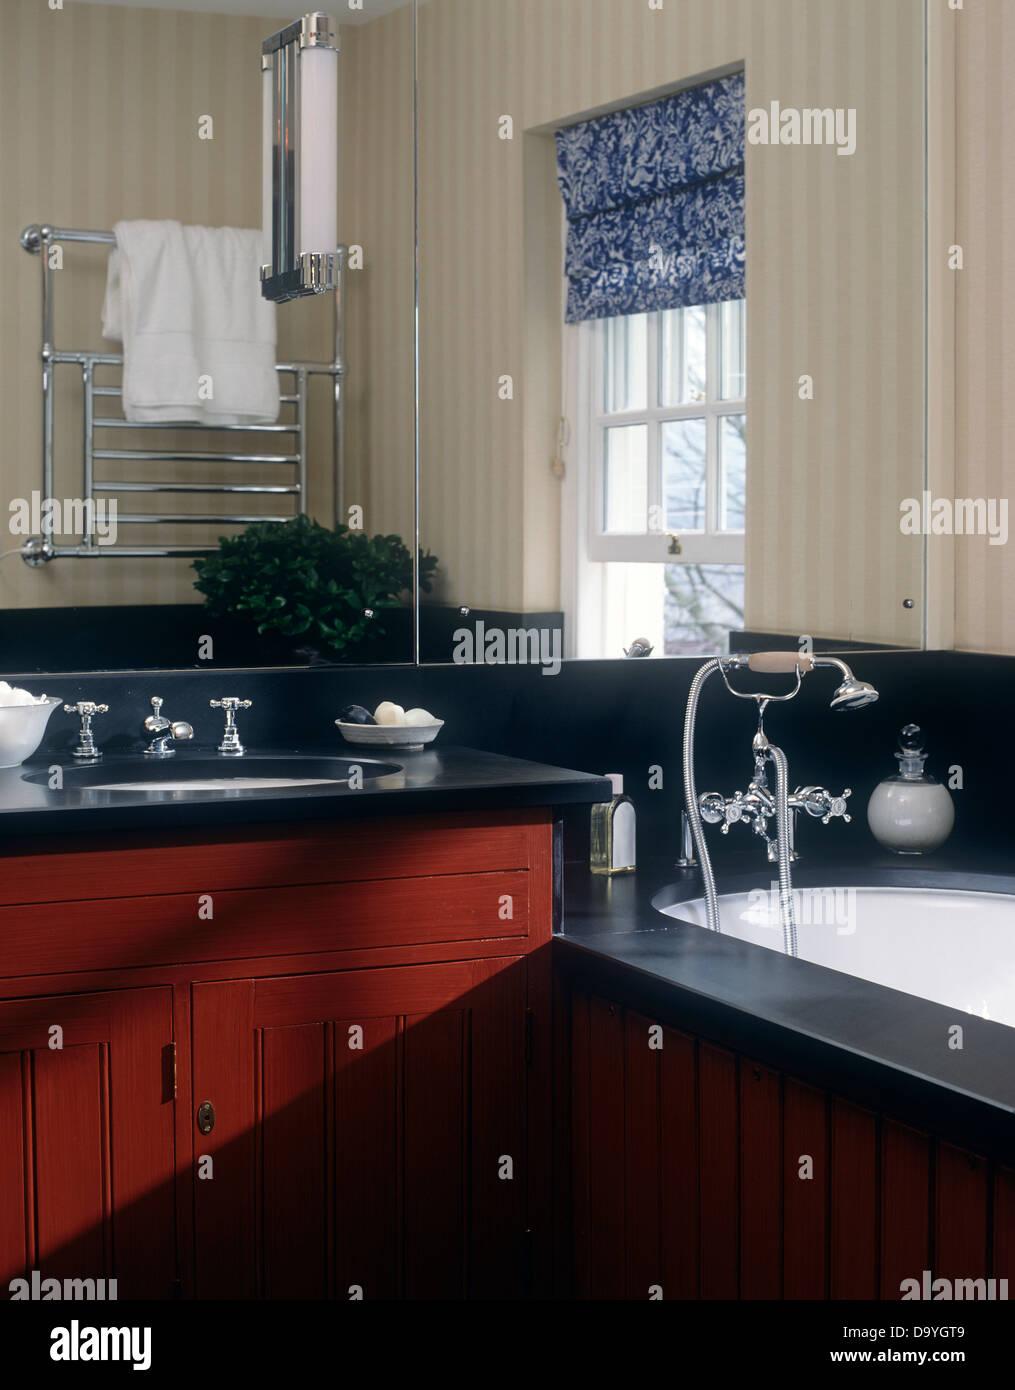 Entzuckend Spiegelwand Oben Unter Set Becken In Rot Unterschrank Neben Badewanne Im Modernen  Badezimmer Mit Blau Gemusterten Fenster Blind